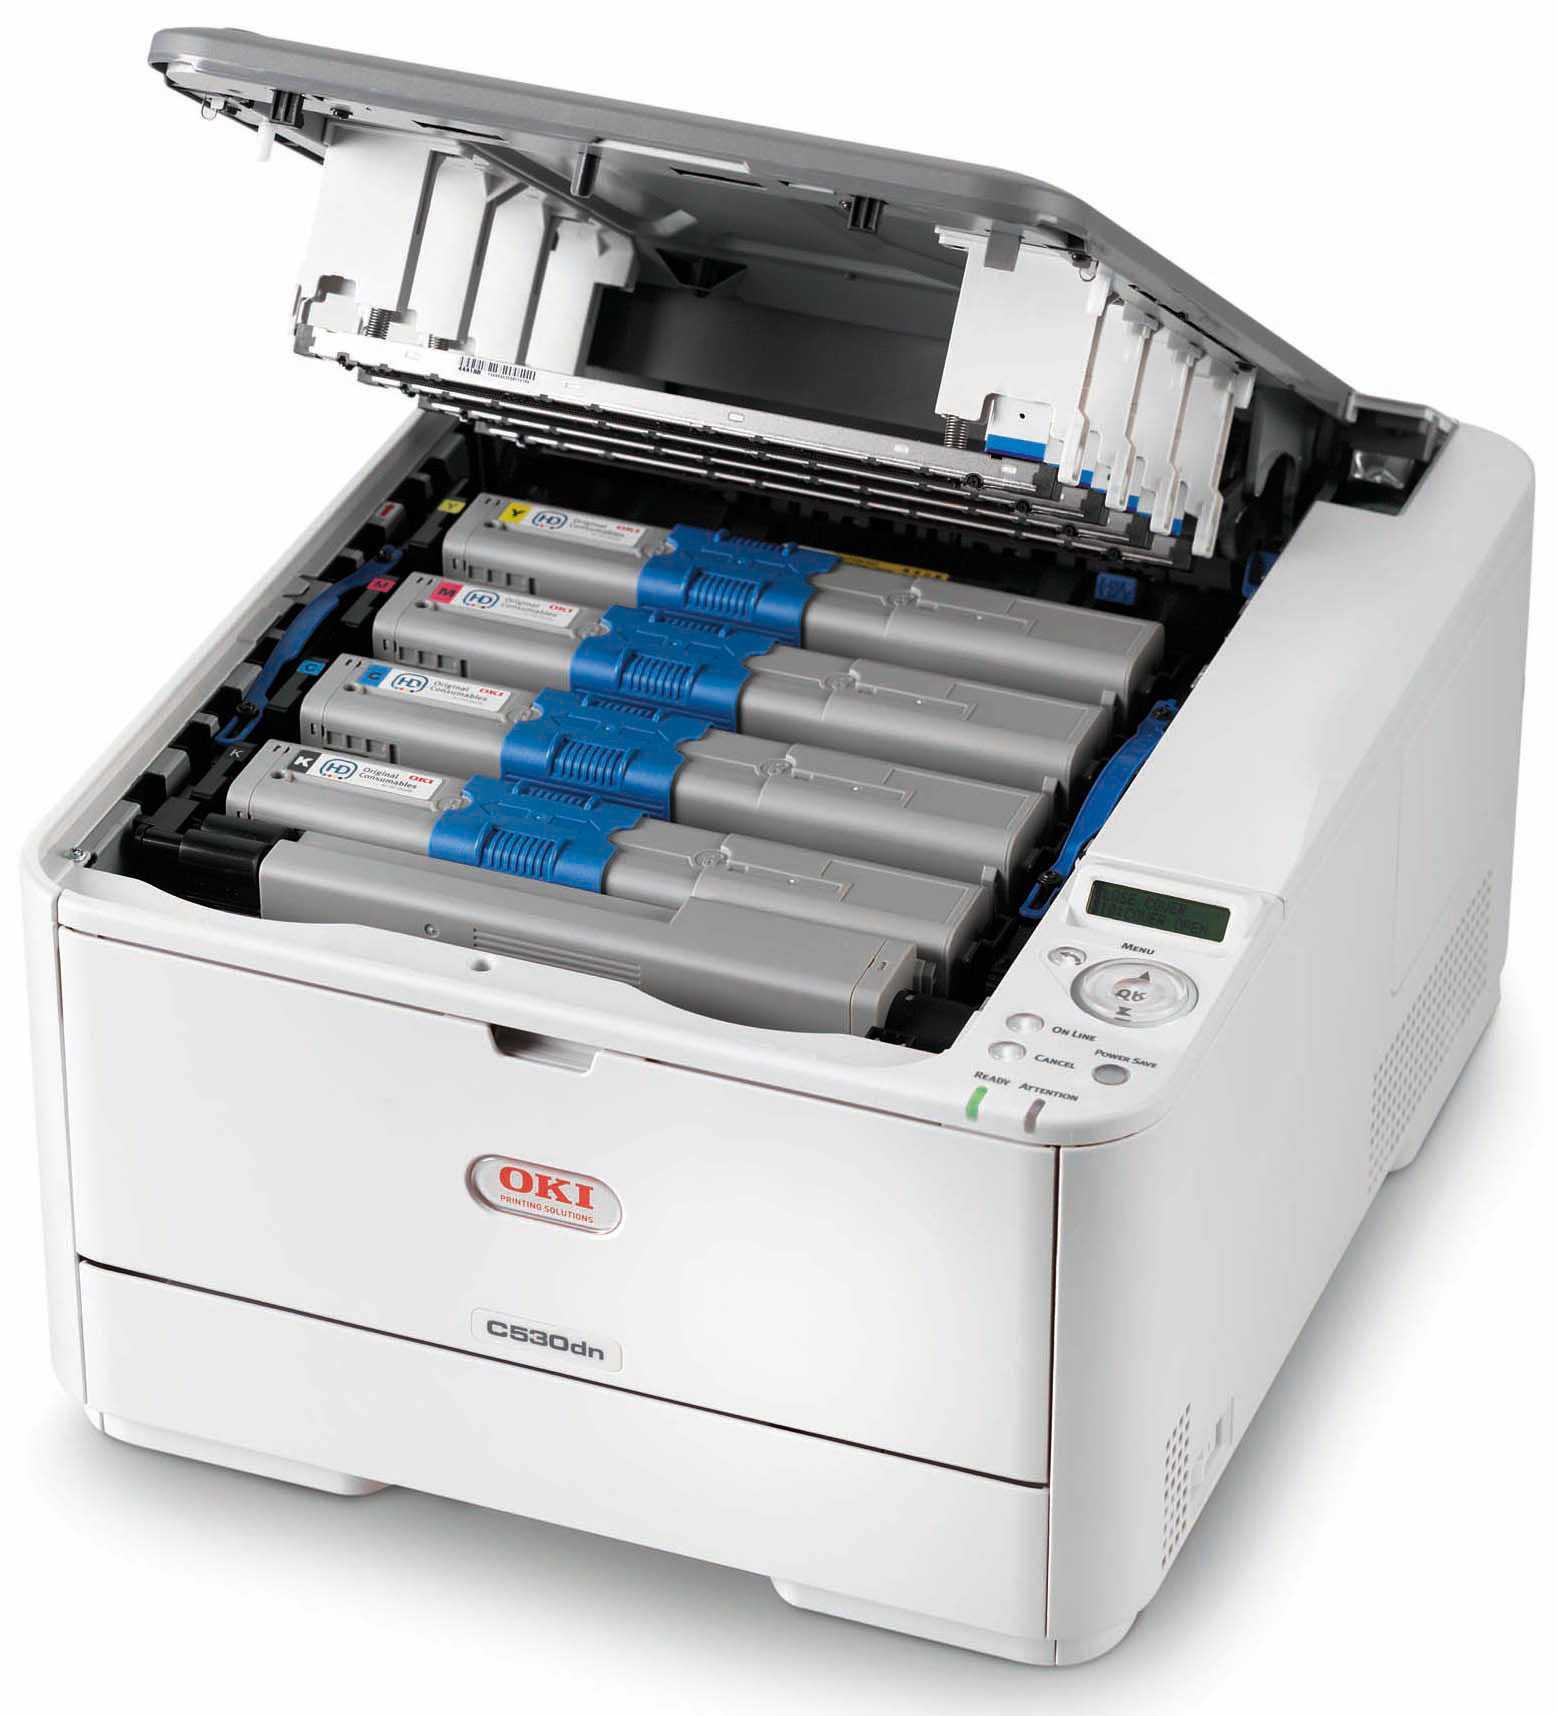 Как выбрать принтер для офиса, чтобы не пожалеть о покупке